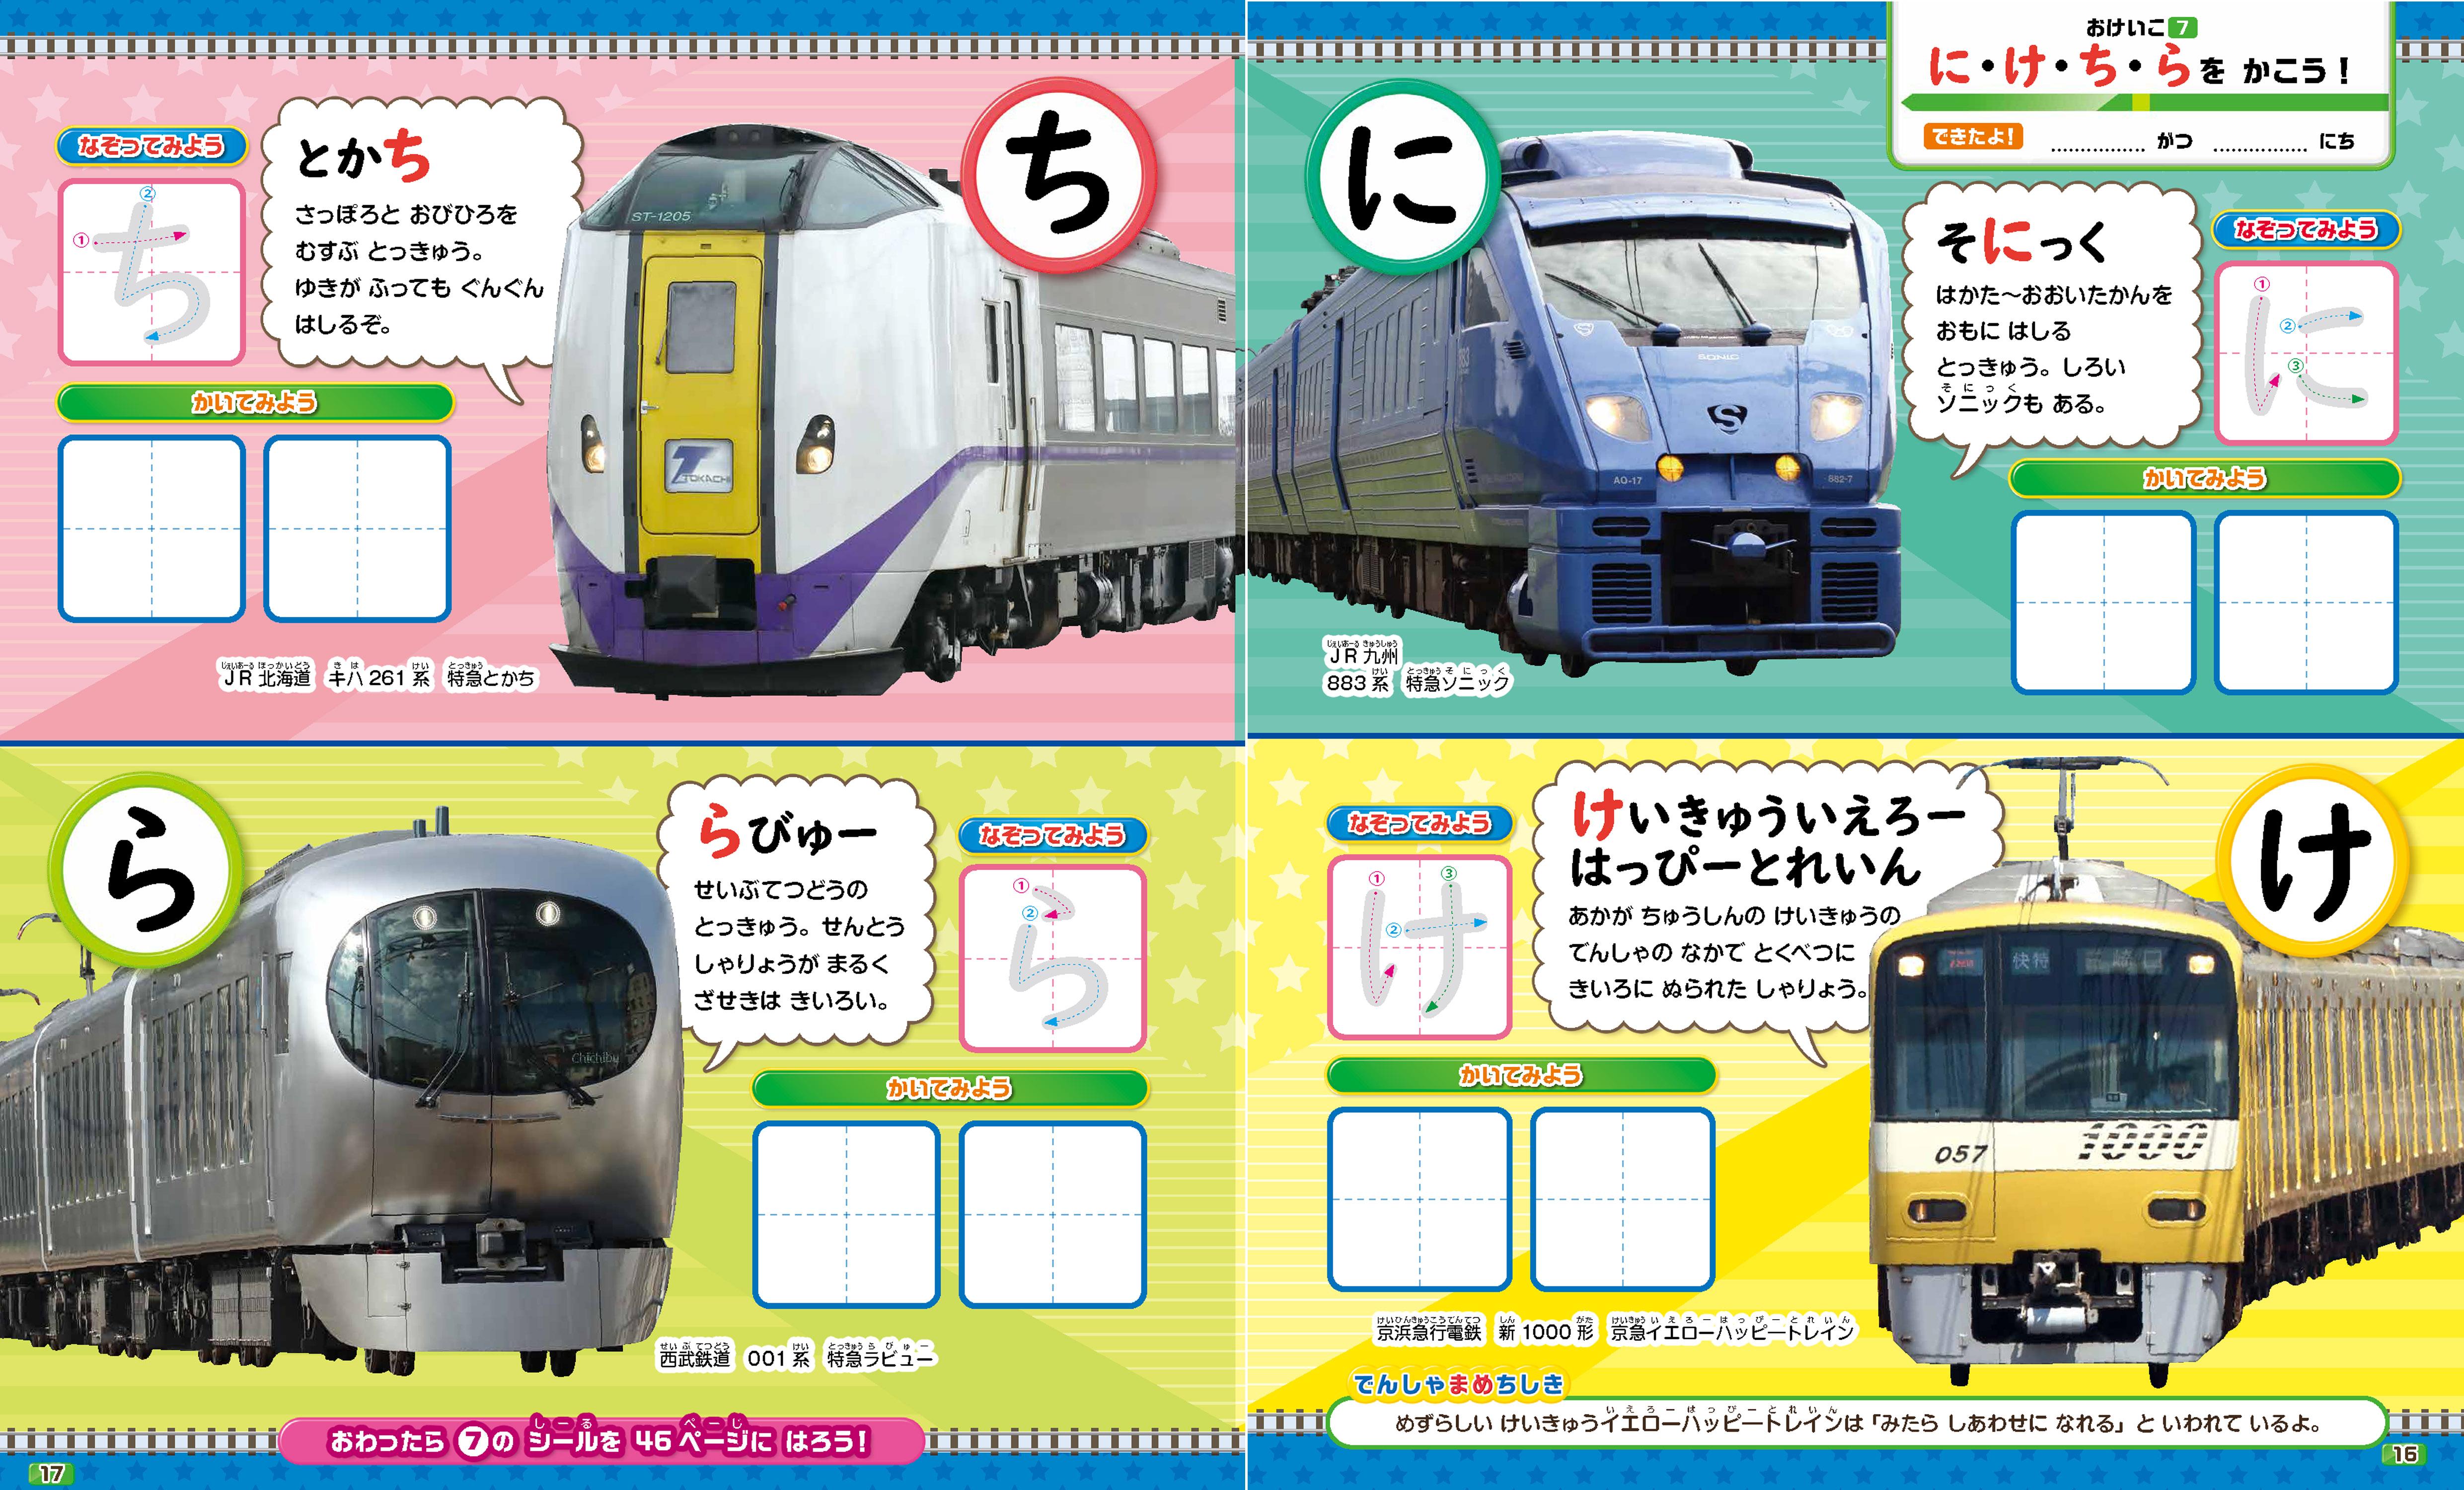 「電車のことを知りながら ひらがなを学べます」紙面